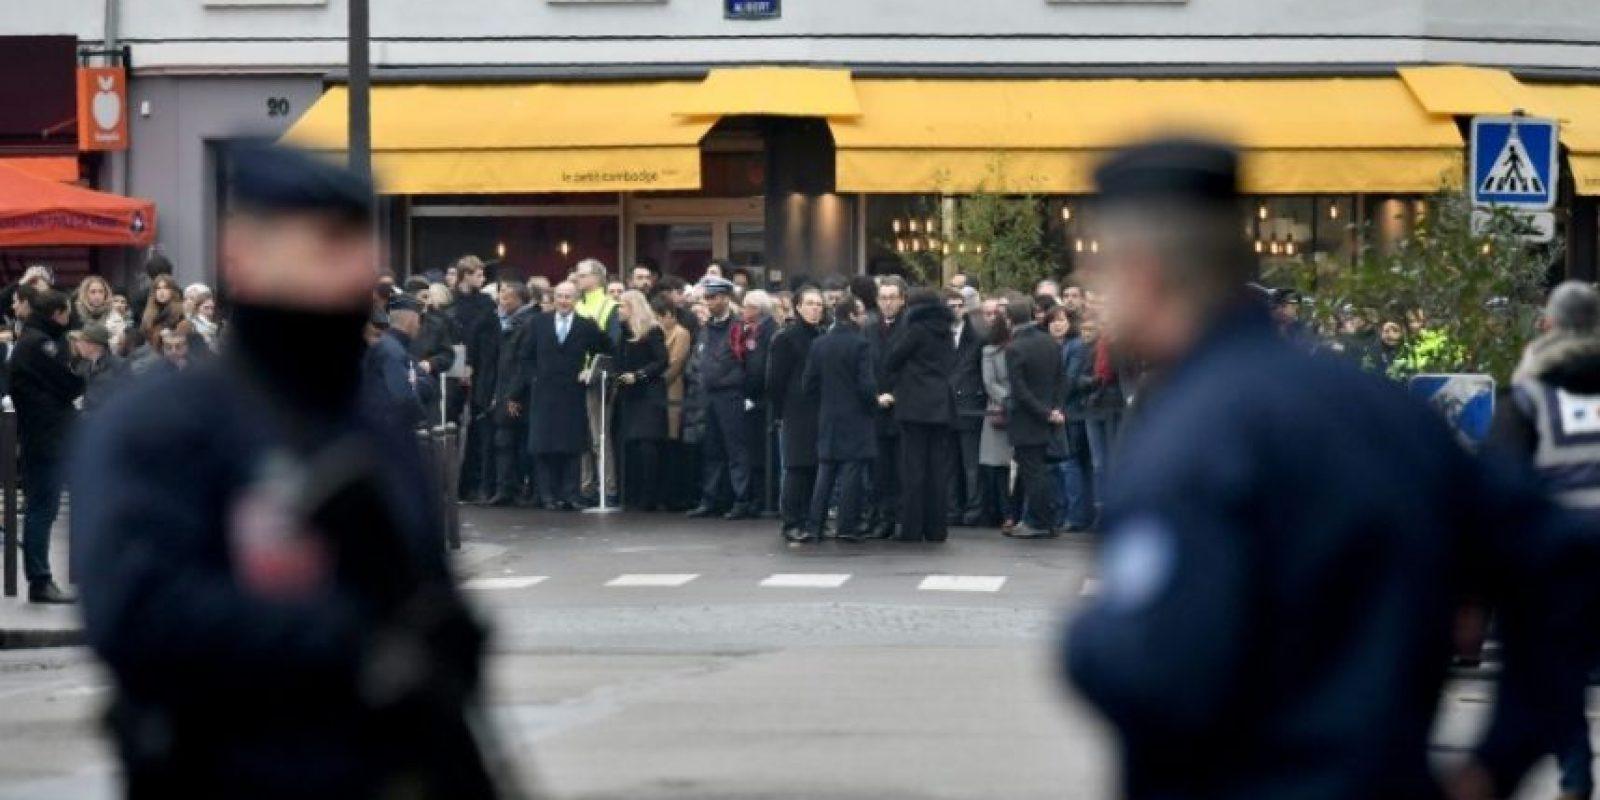 Dos policías franceses vigilan el homenaje a las víctimas del ataque yihadista al restaurante Le Petit Cambodge, en París, el 13 de noviembre de 2016, un año después de los atentados que sembraron el pánico en la capital francesa Foto:Philippe Lopez/afp.com